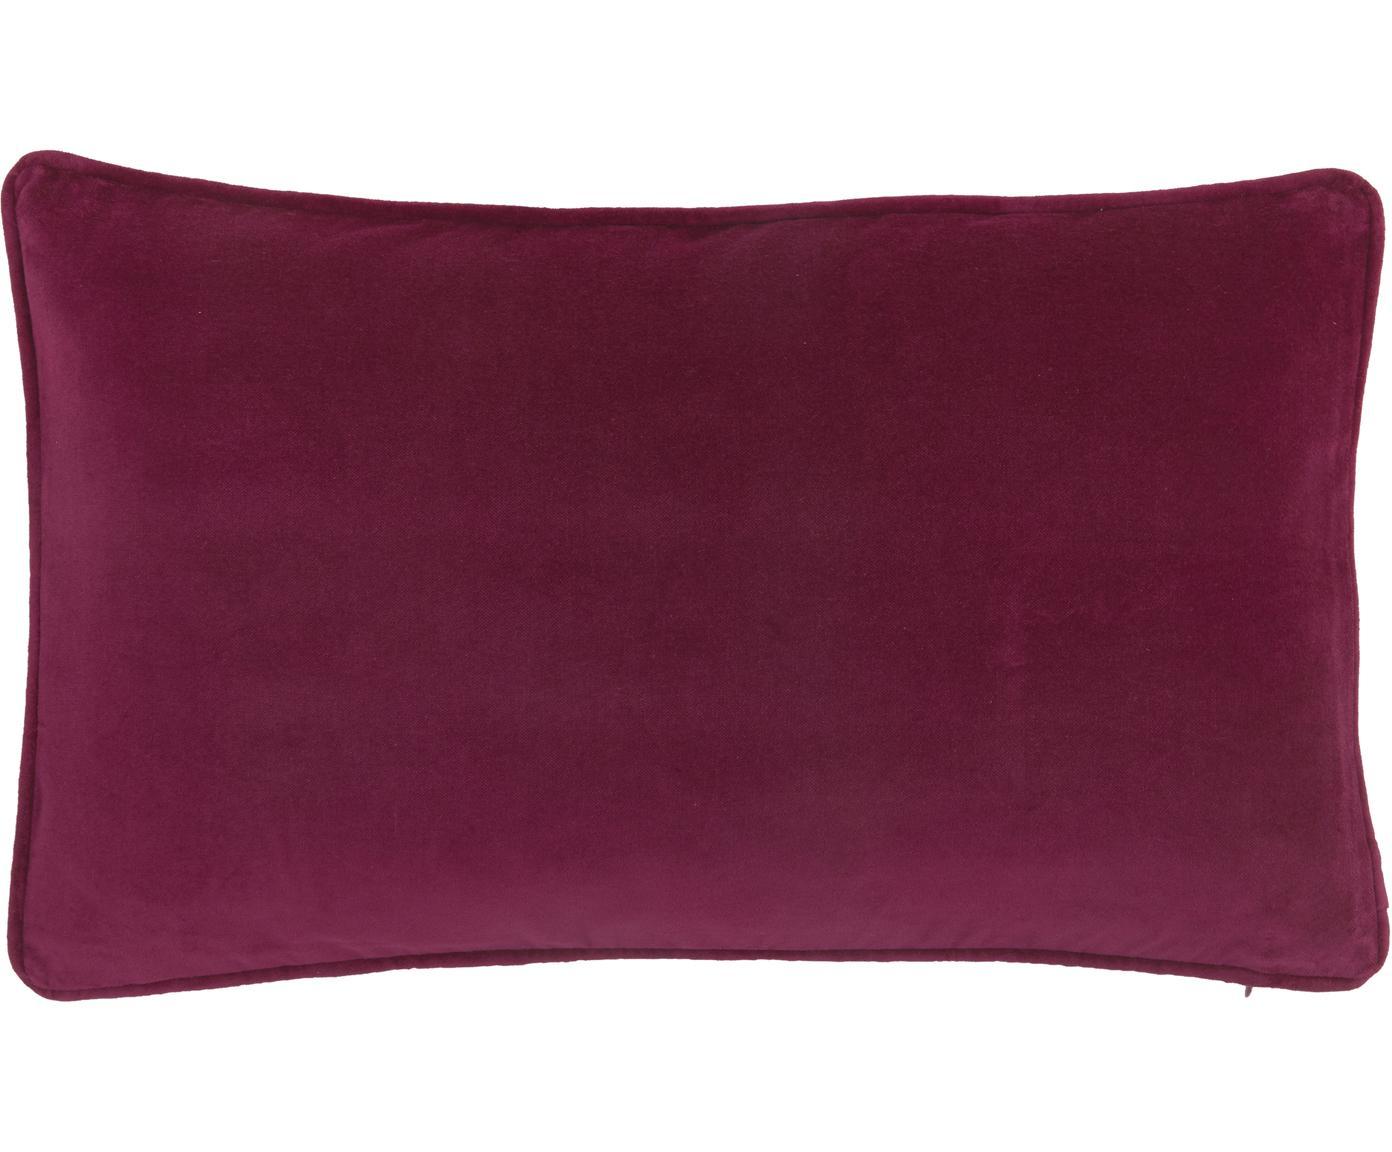 Poszewka na poduszkę z aksamitu Dana, Aksamit bawełniany, Wiśniowy, S 30 x D 50 cm